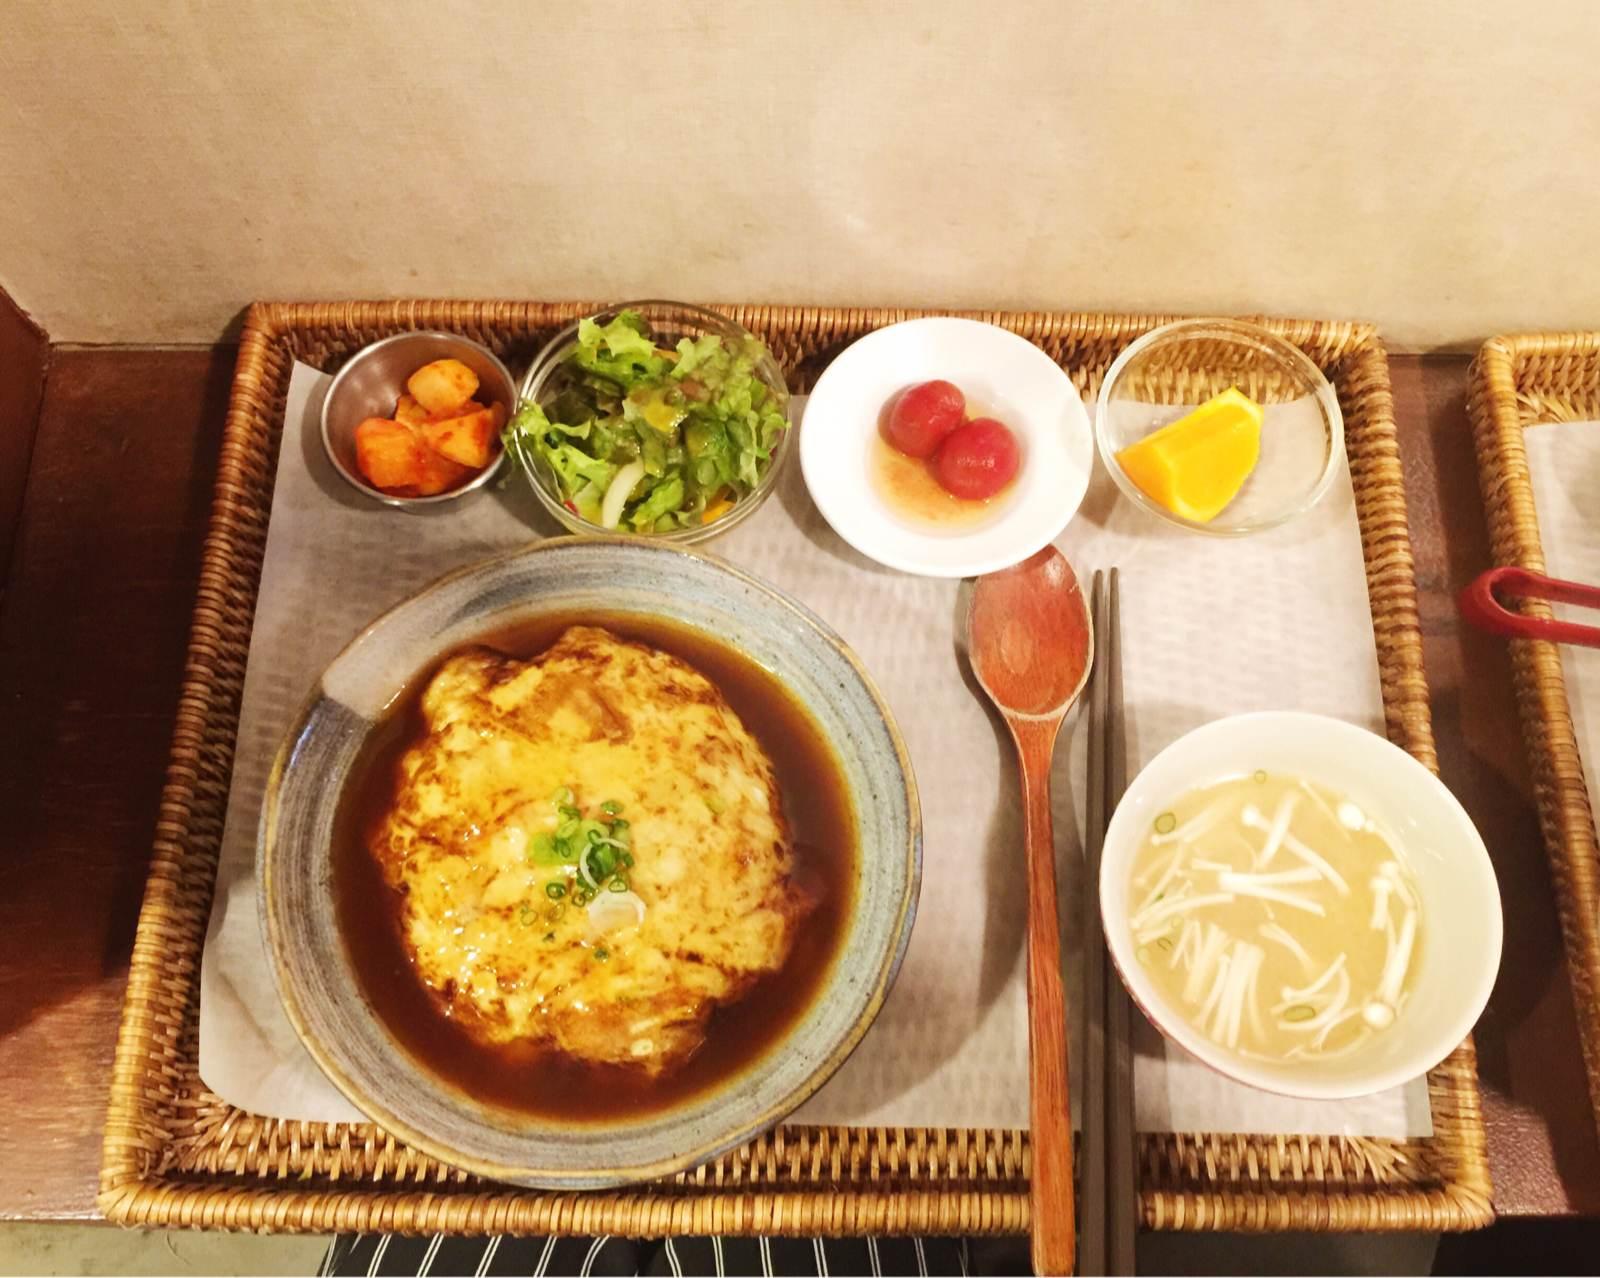 雞蛋蓋飯的價格是9000元韓幣,比鮭魚蓋飯更有日式的味道,整碗吃完剩下的醬汁完全會讓人欲罷不能很想再立刻續一碗白飯!